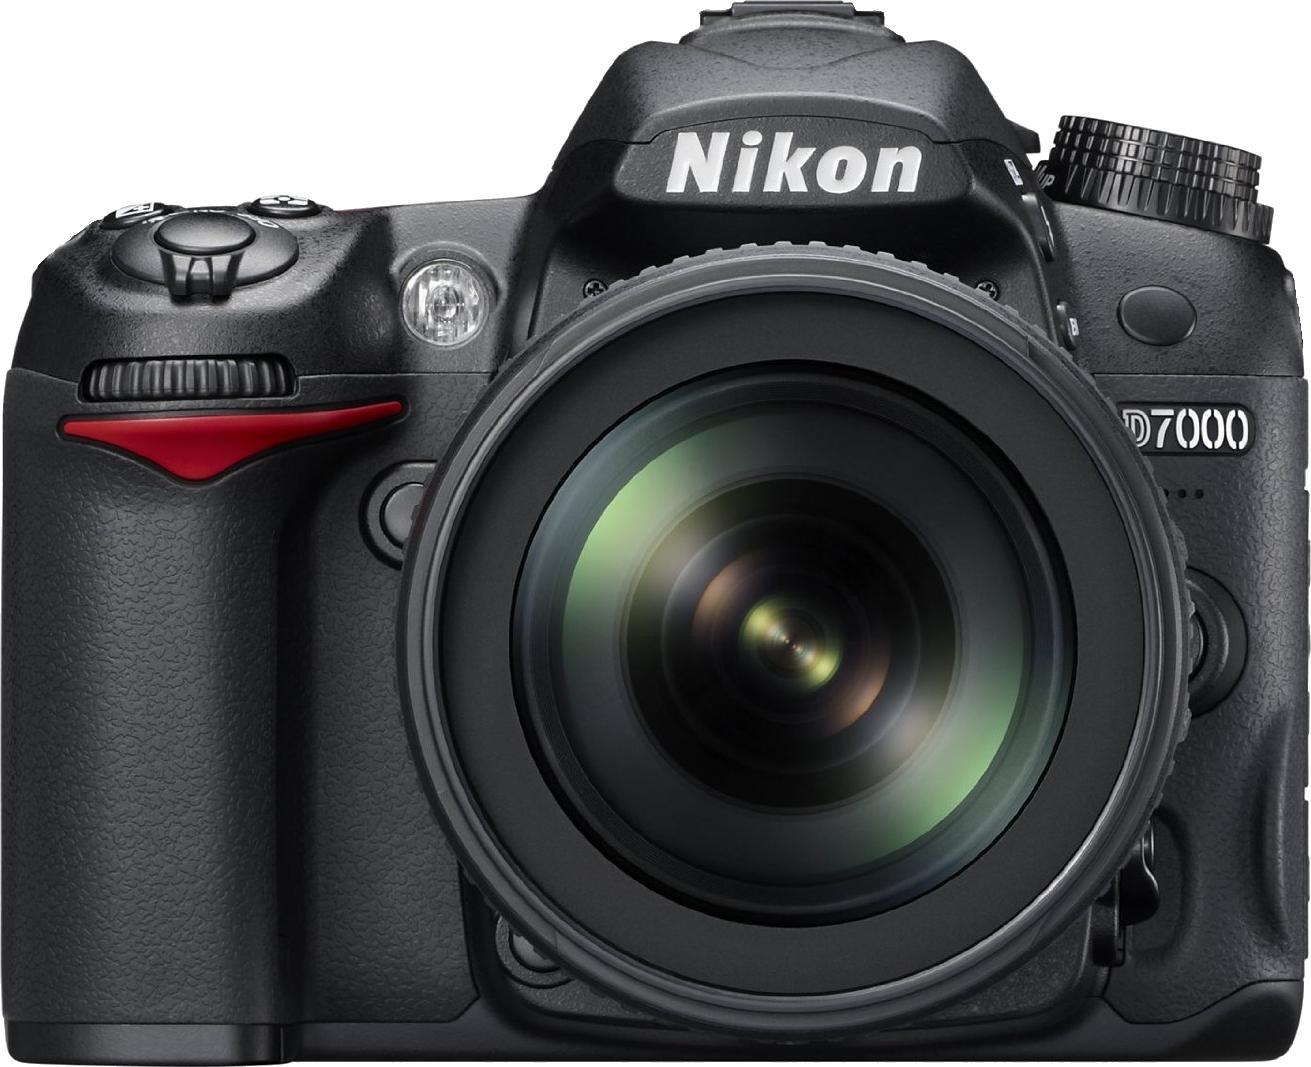 Nikon D7000 + Nikkor AF-S DX 18-105mm f/3.5-5.6 G ED VR